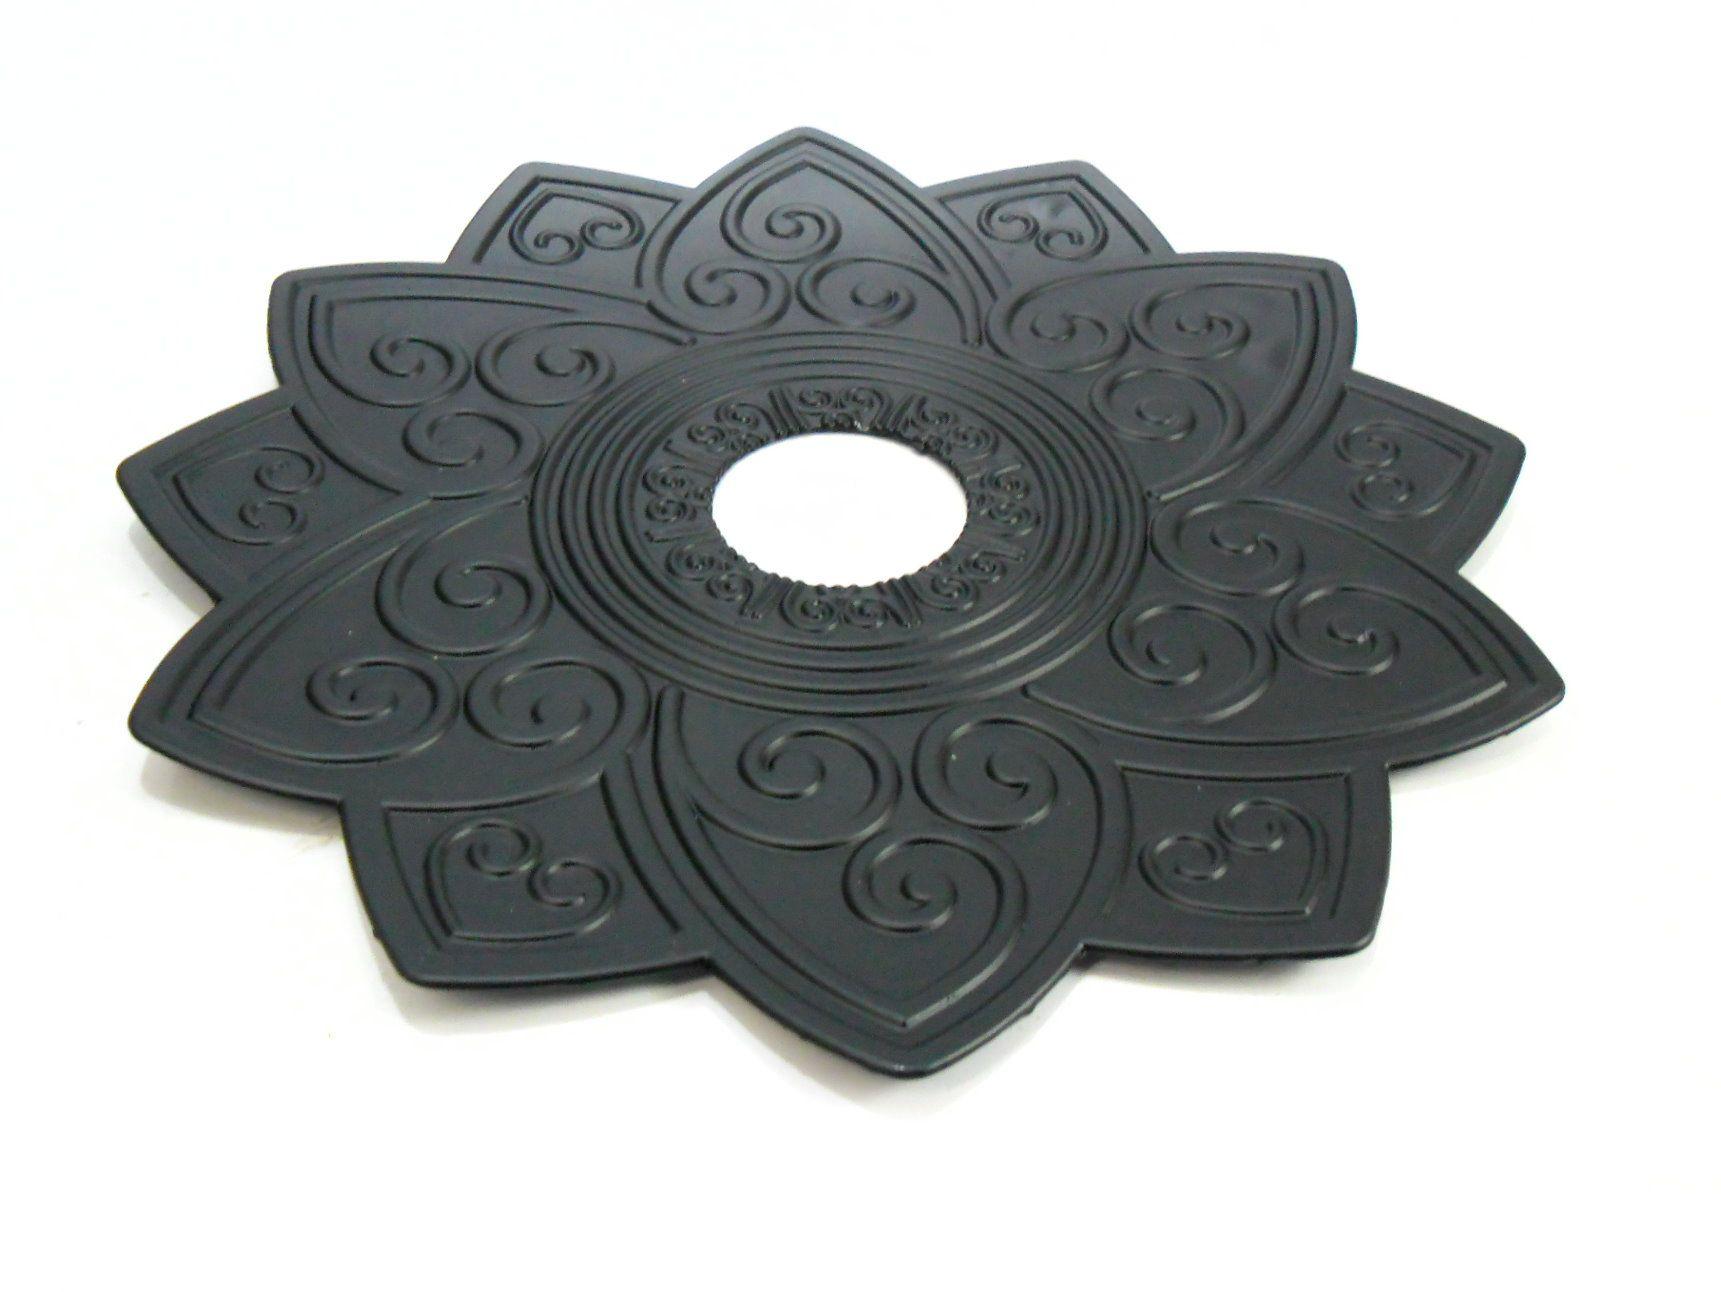 Prato para narguile marca Kimo, modelo Maori, em inox pintado em preto fosco. 25cm de diâmetro.